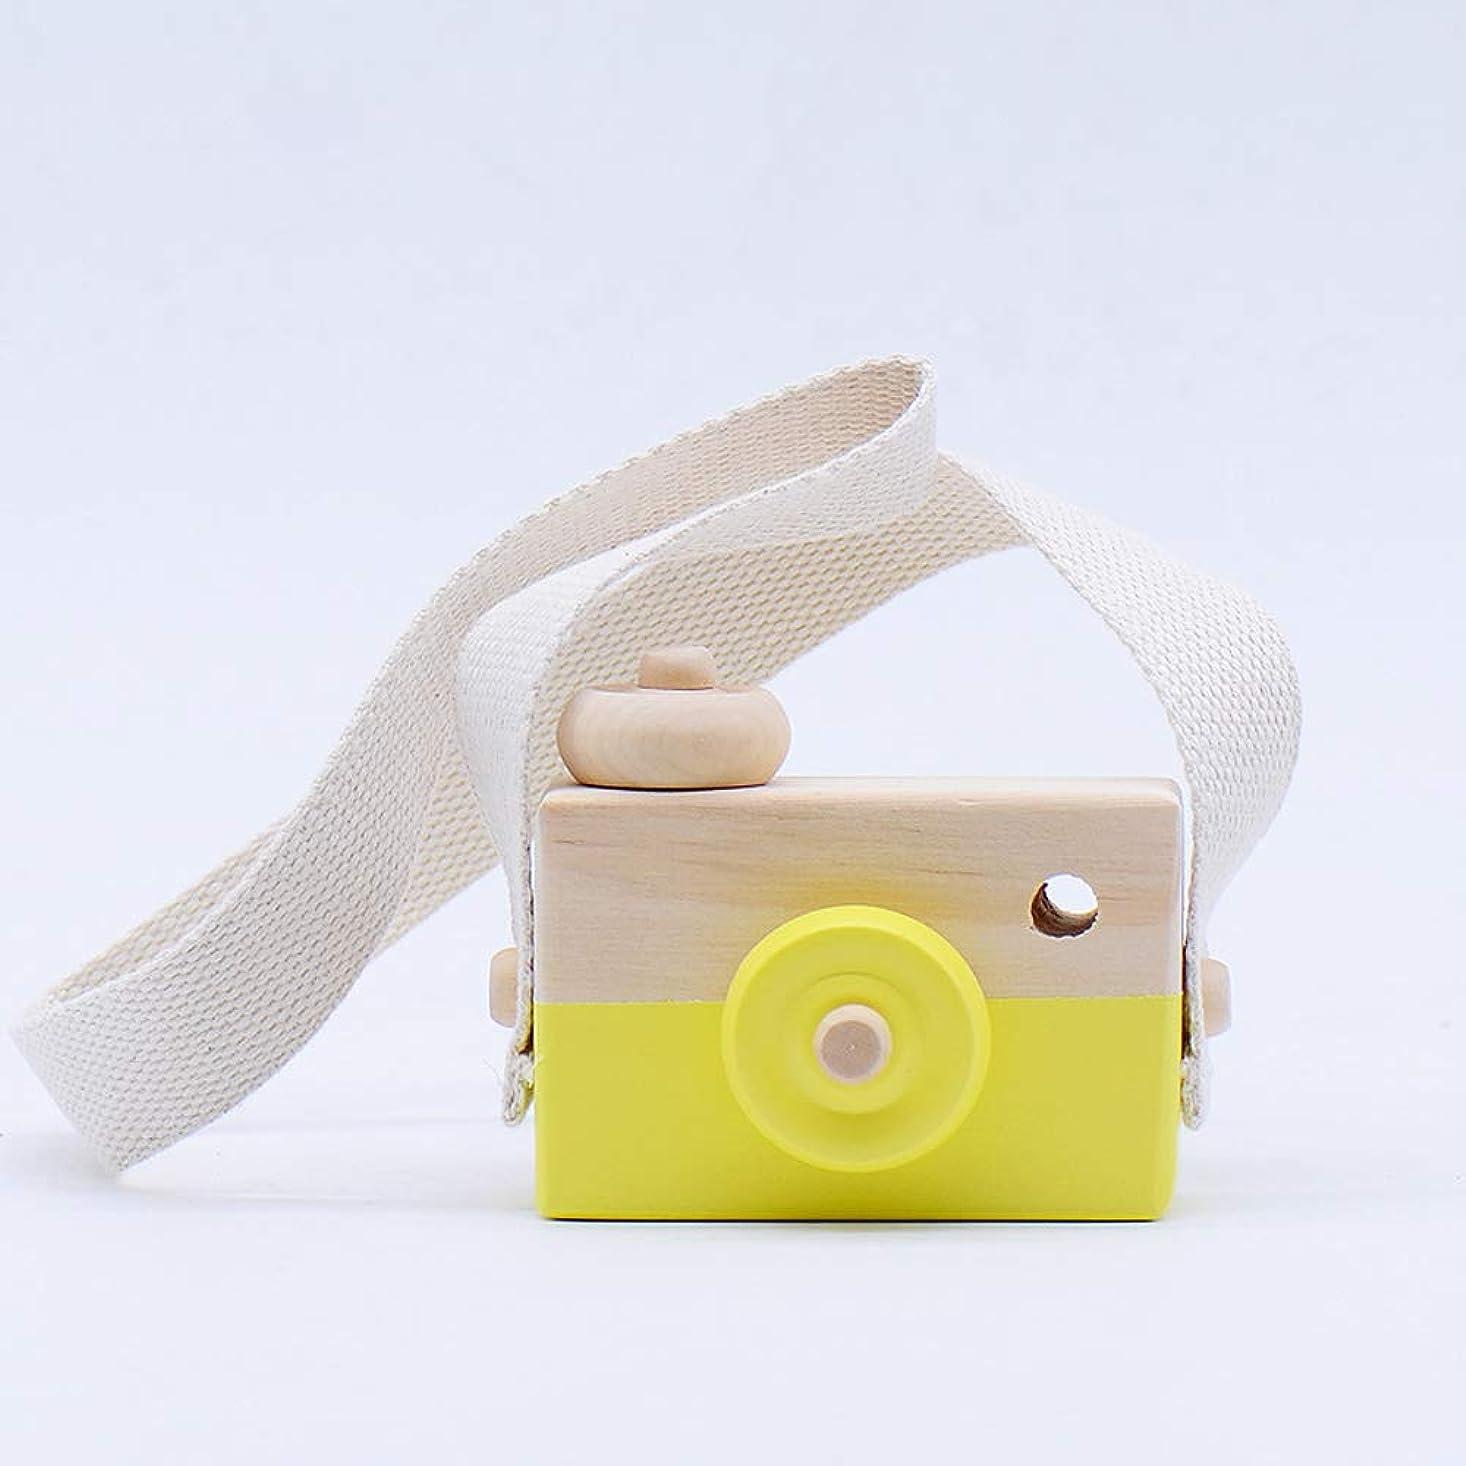 格納中に同級生ミニかわいい木製カメラのおもちゃ安全なナチュラル玩具ベビーキッズファッション服アクセサリー玩具誕生日クリスマスホリデーギフト (黄)